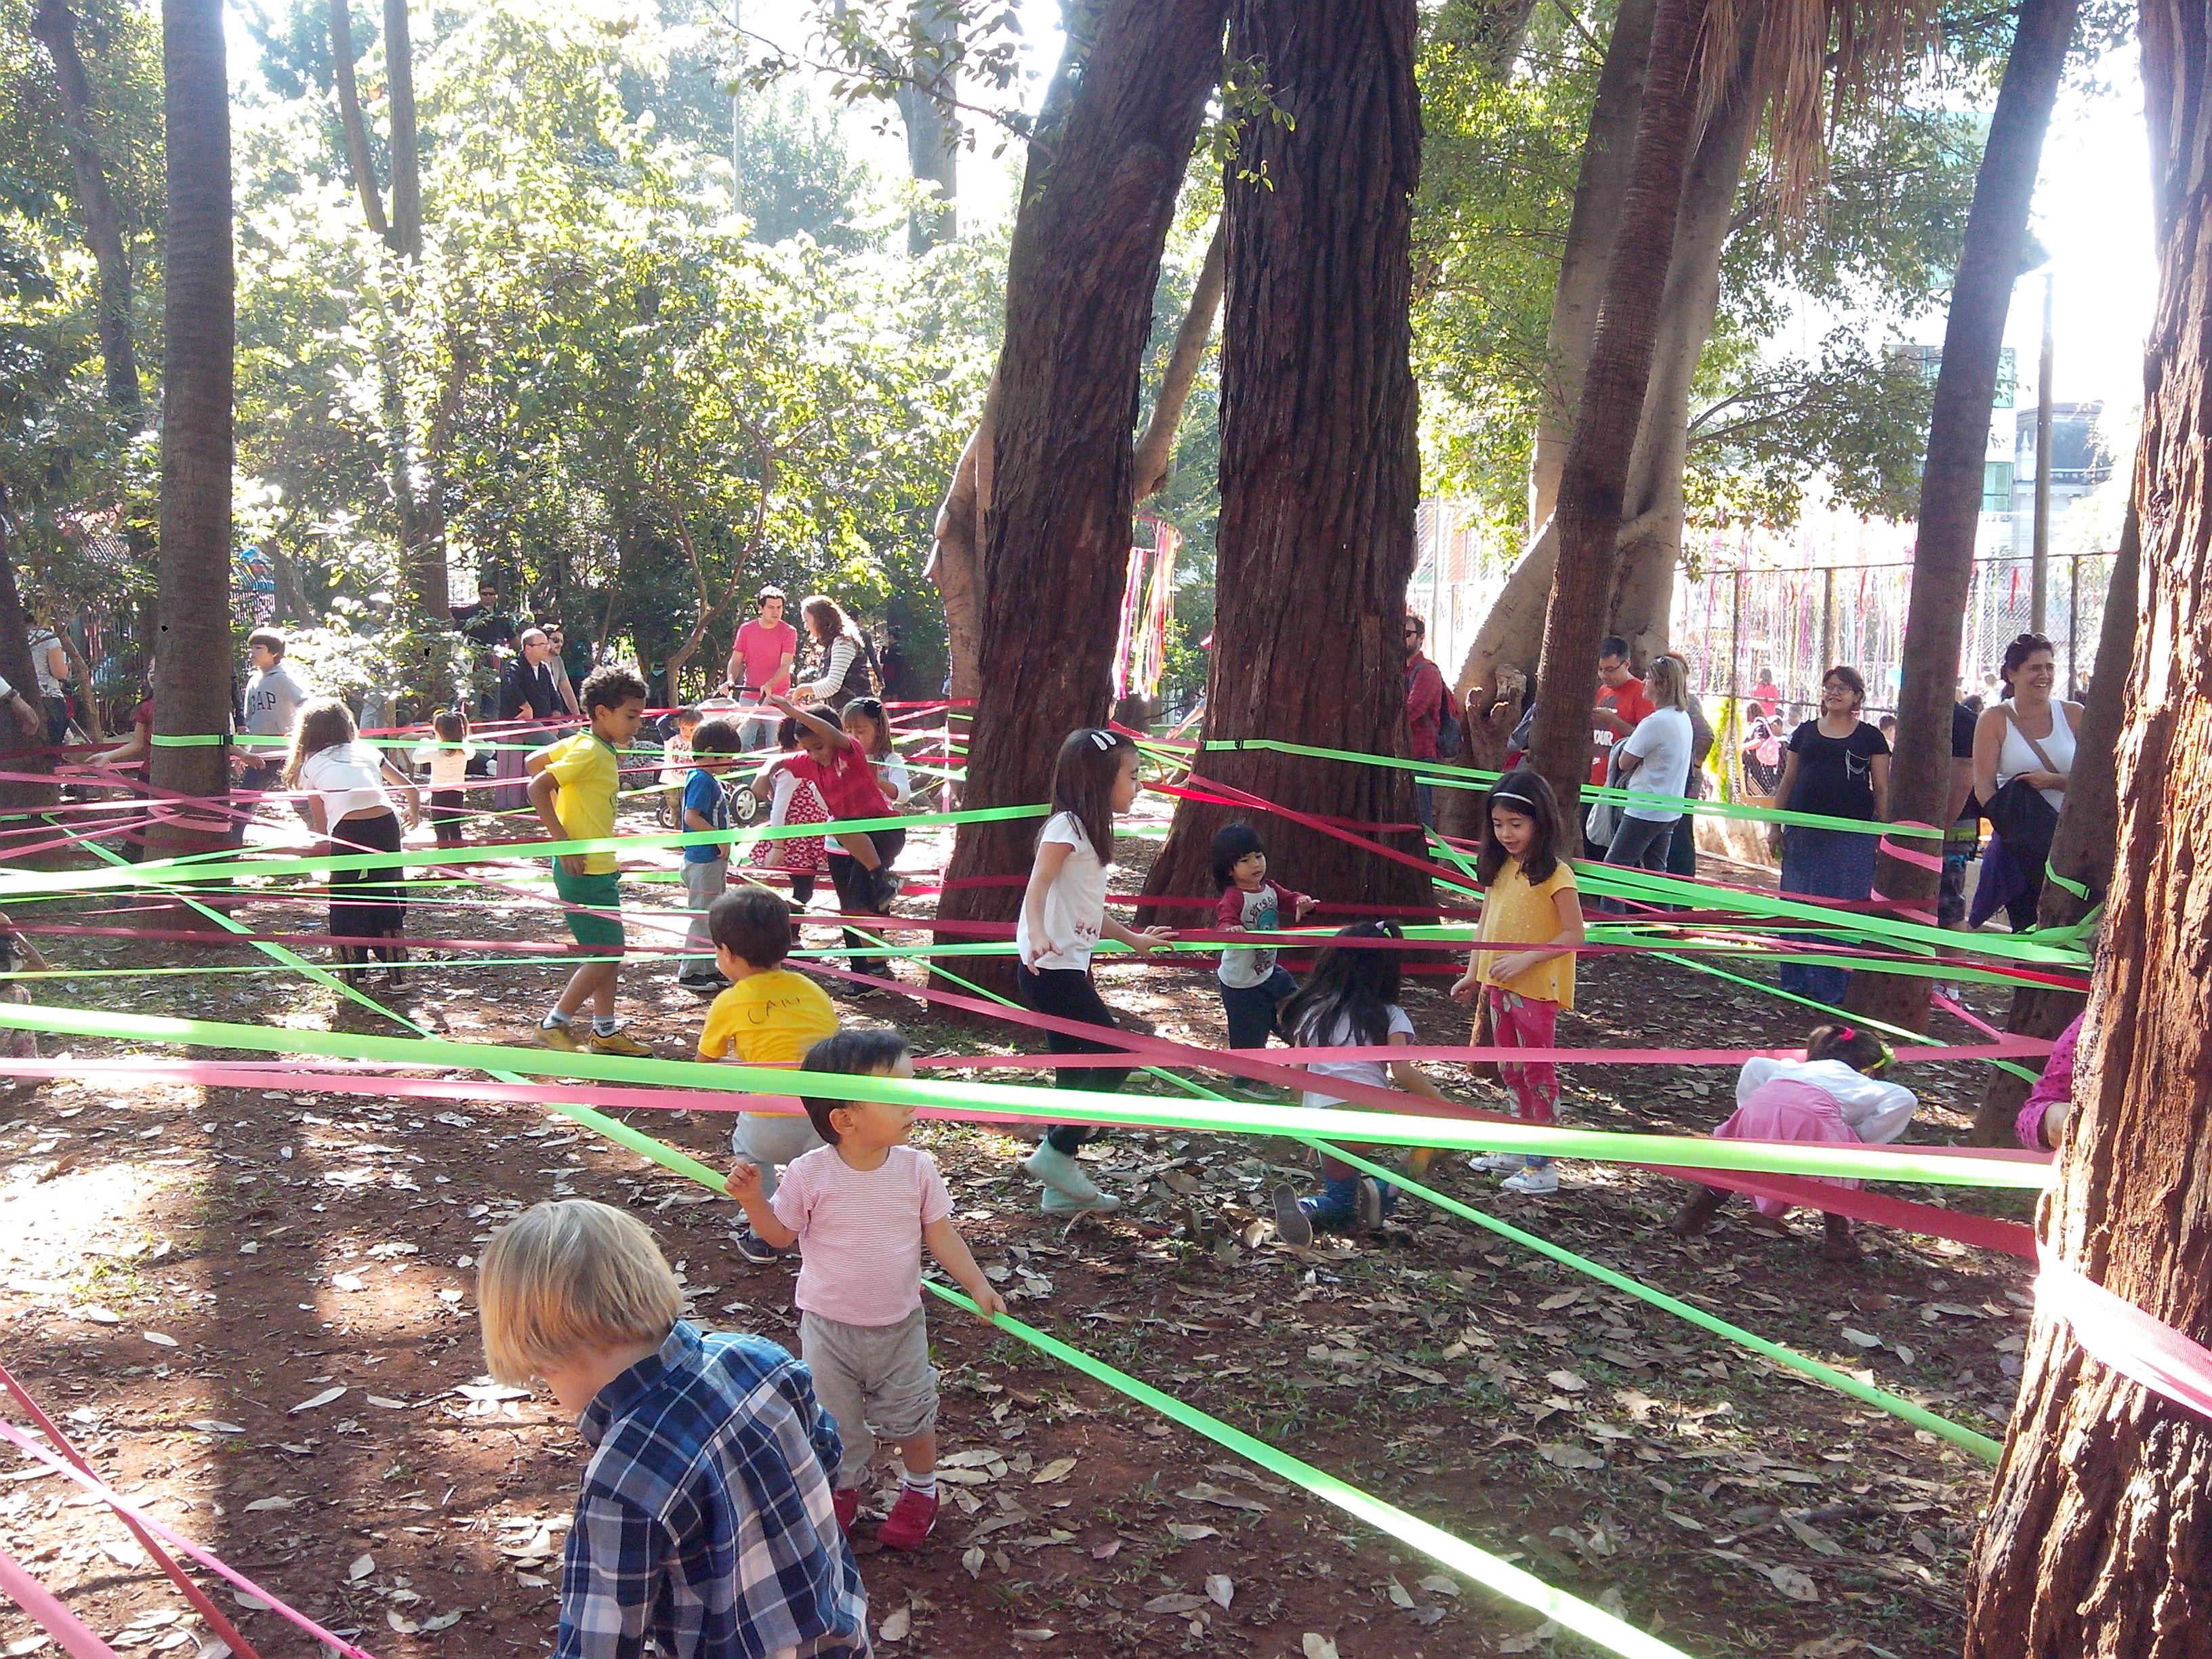 Brincadeira de fitas na Praça Rotary, onde está localizada a Biblioteca Infantojuvenil Monteiro Lobato